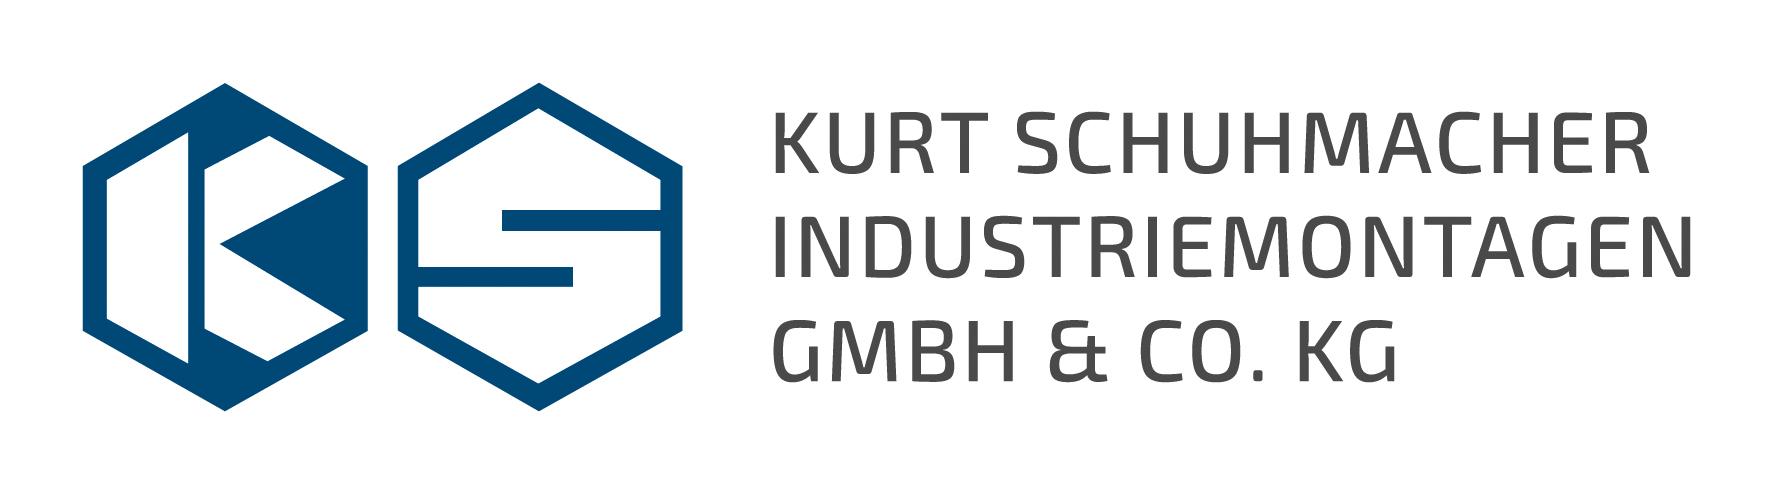 Kurt Schuhmacher Industriemontagen_Logoanpassung_final